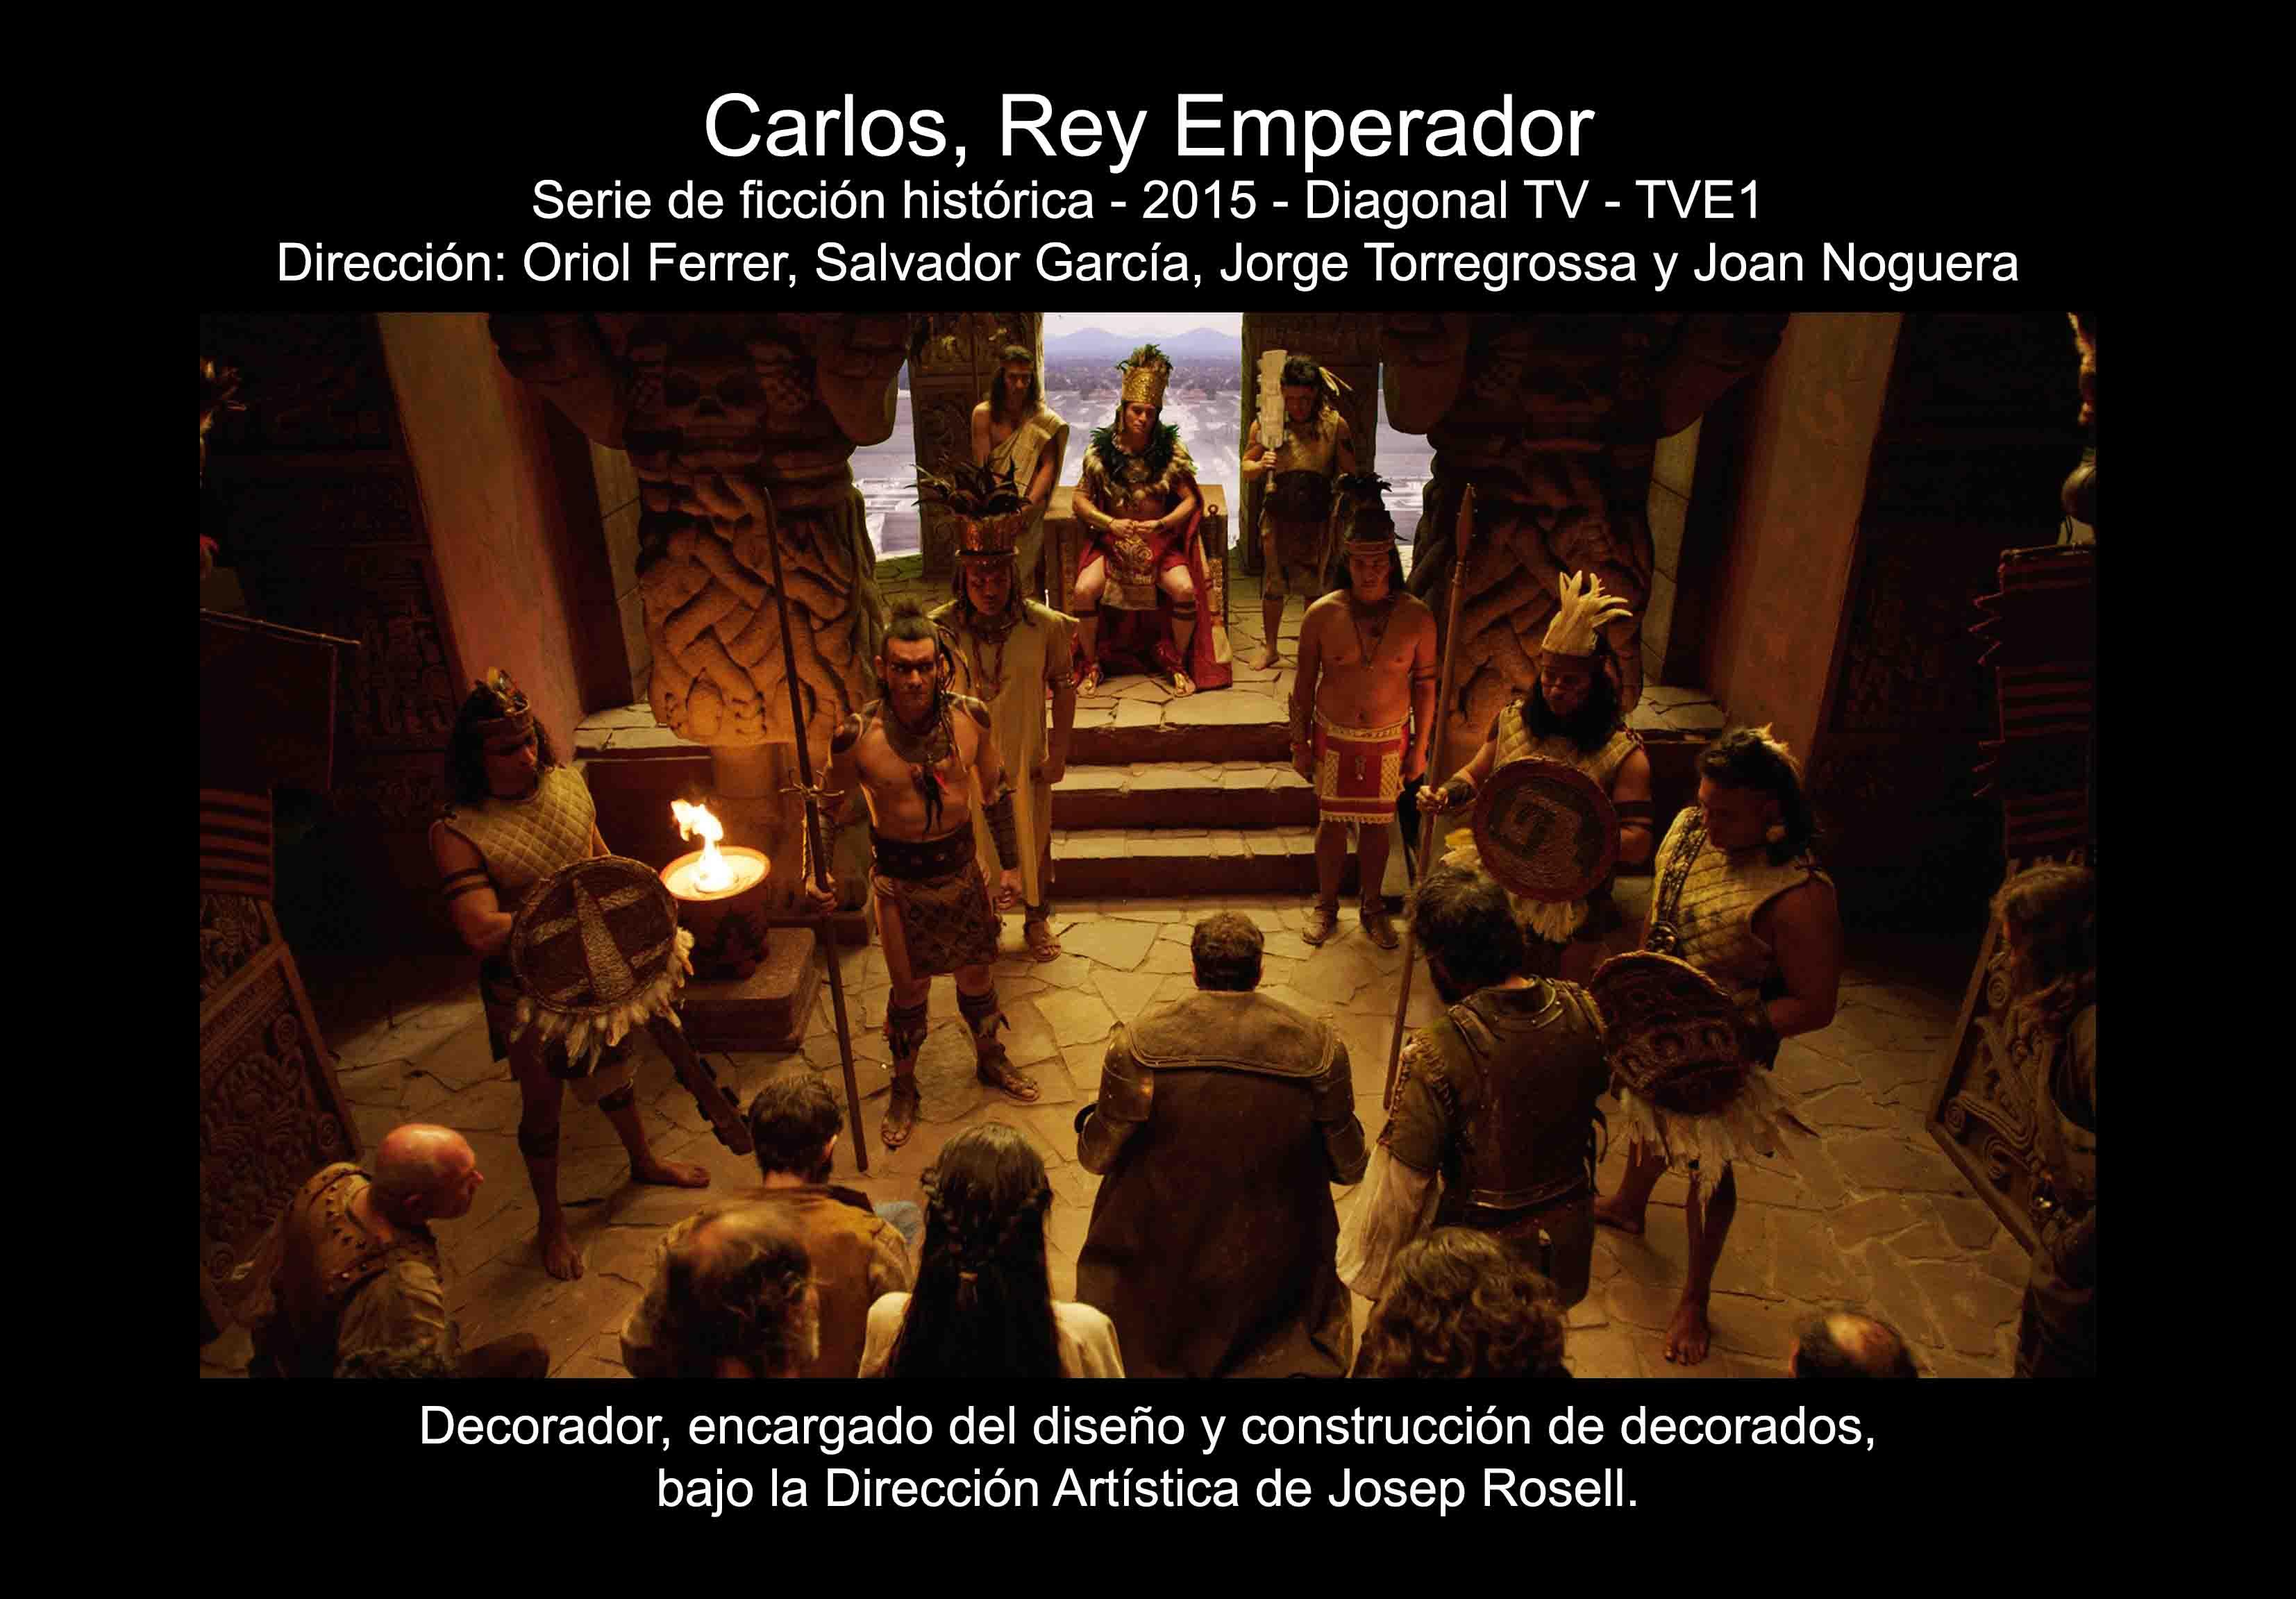 David Temprano 2015 Carlos Rey Emperador 1